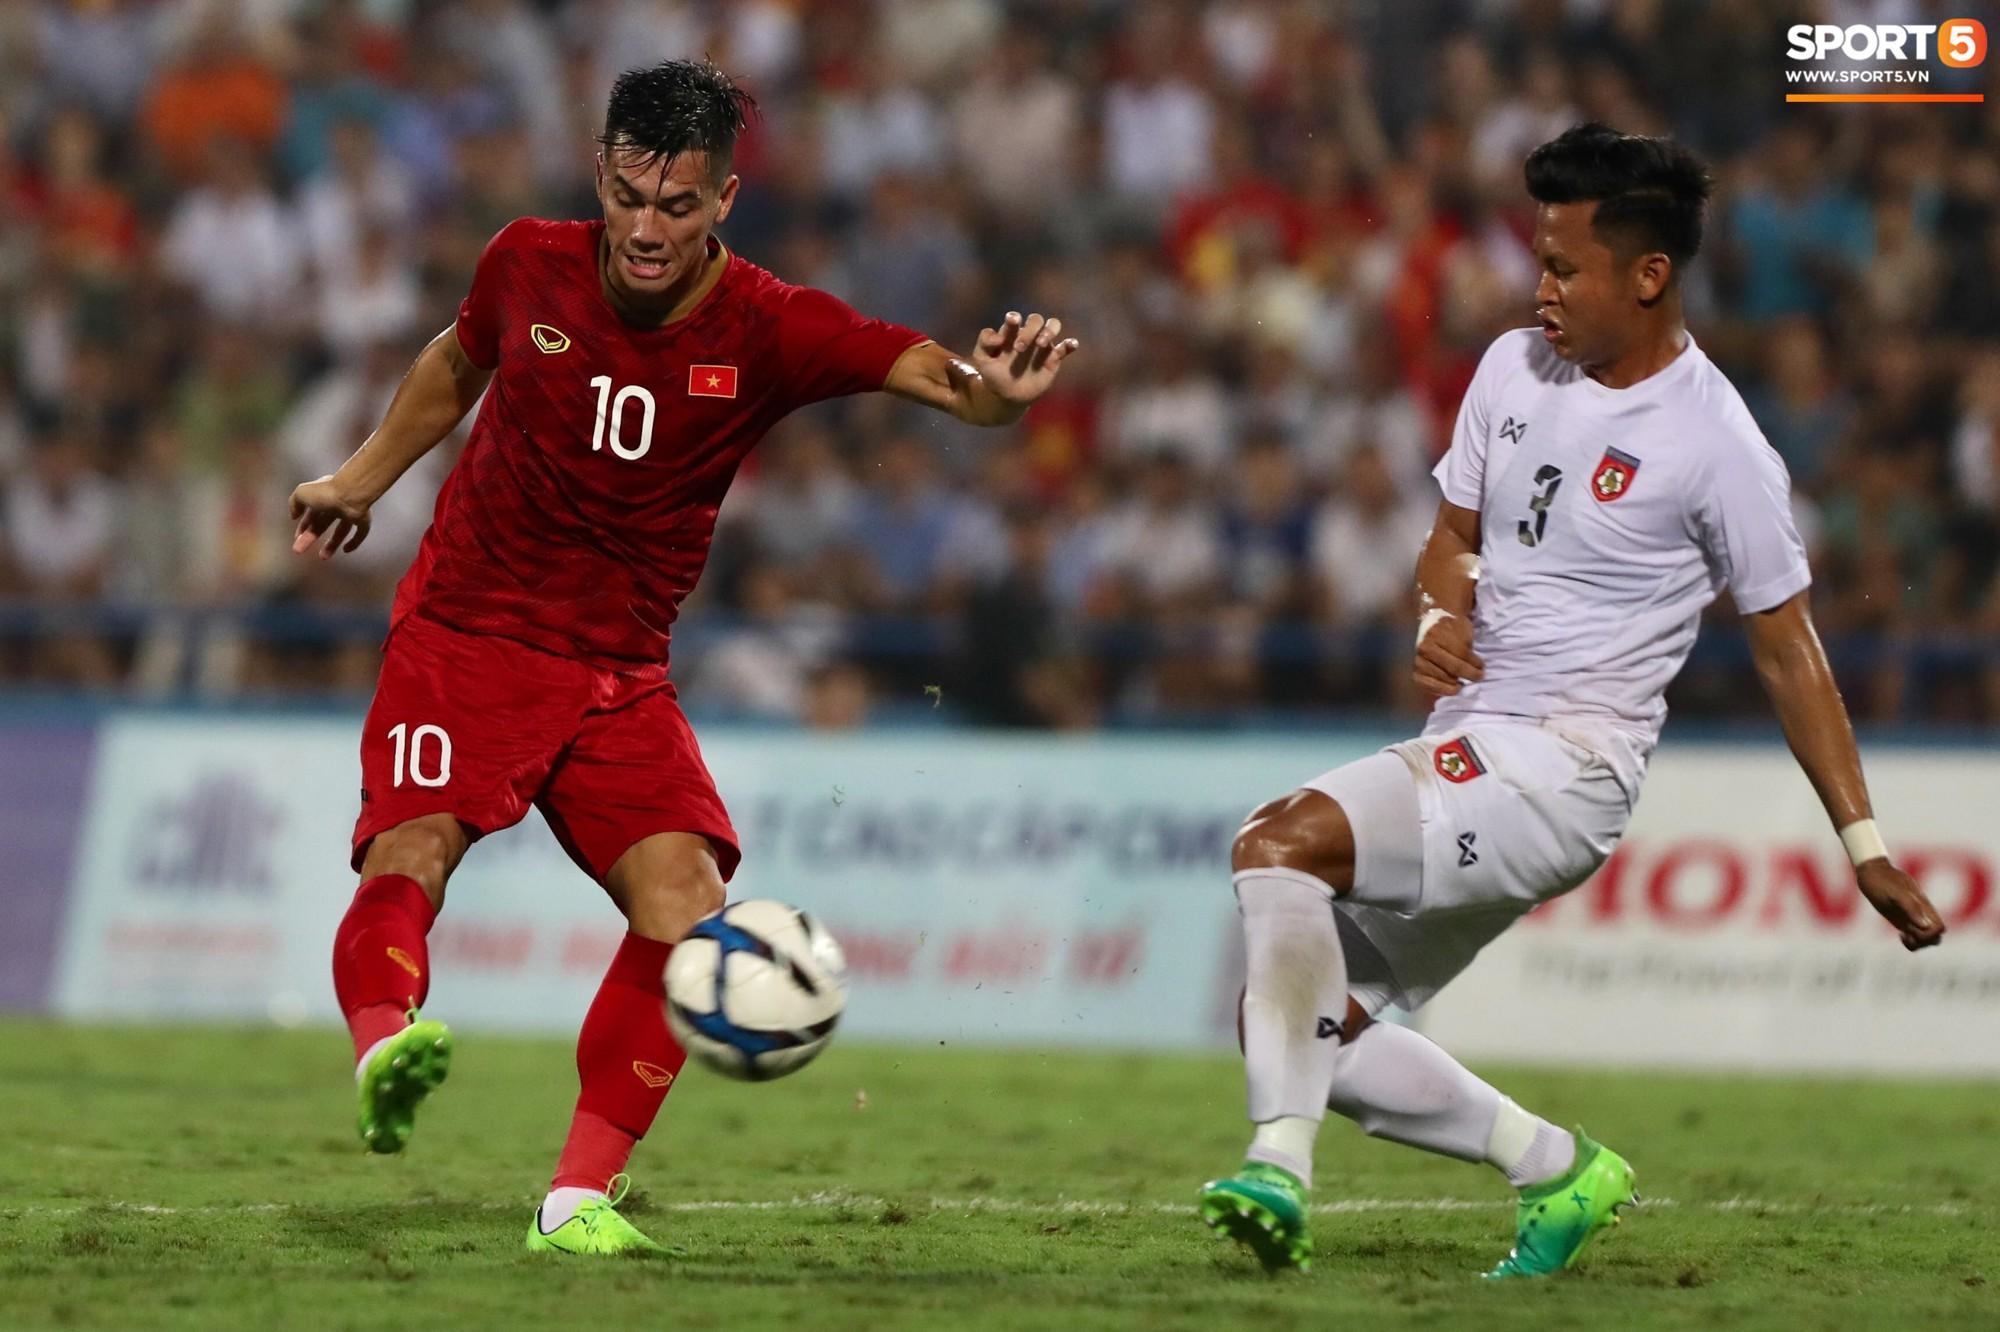 Hình ảnh cảm động: U23 Việt Nam đội mưa đi khắp khán đài cảm ơn người hâm mộ sau trận thắng U23 Myanmar - Ảnh 2.